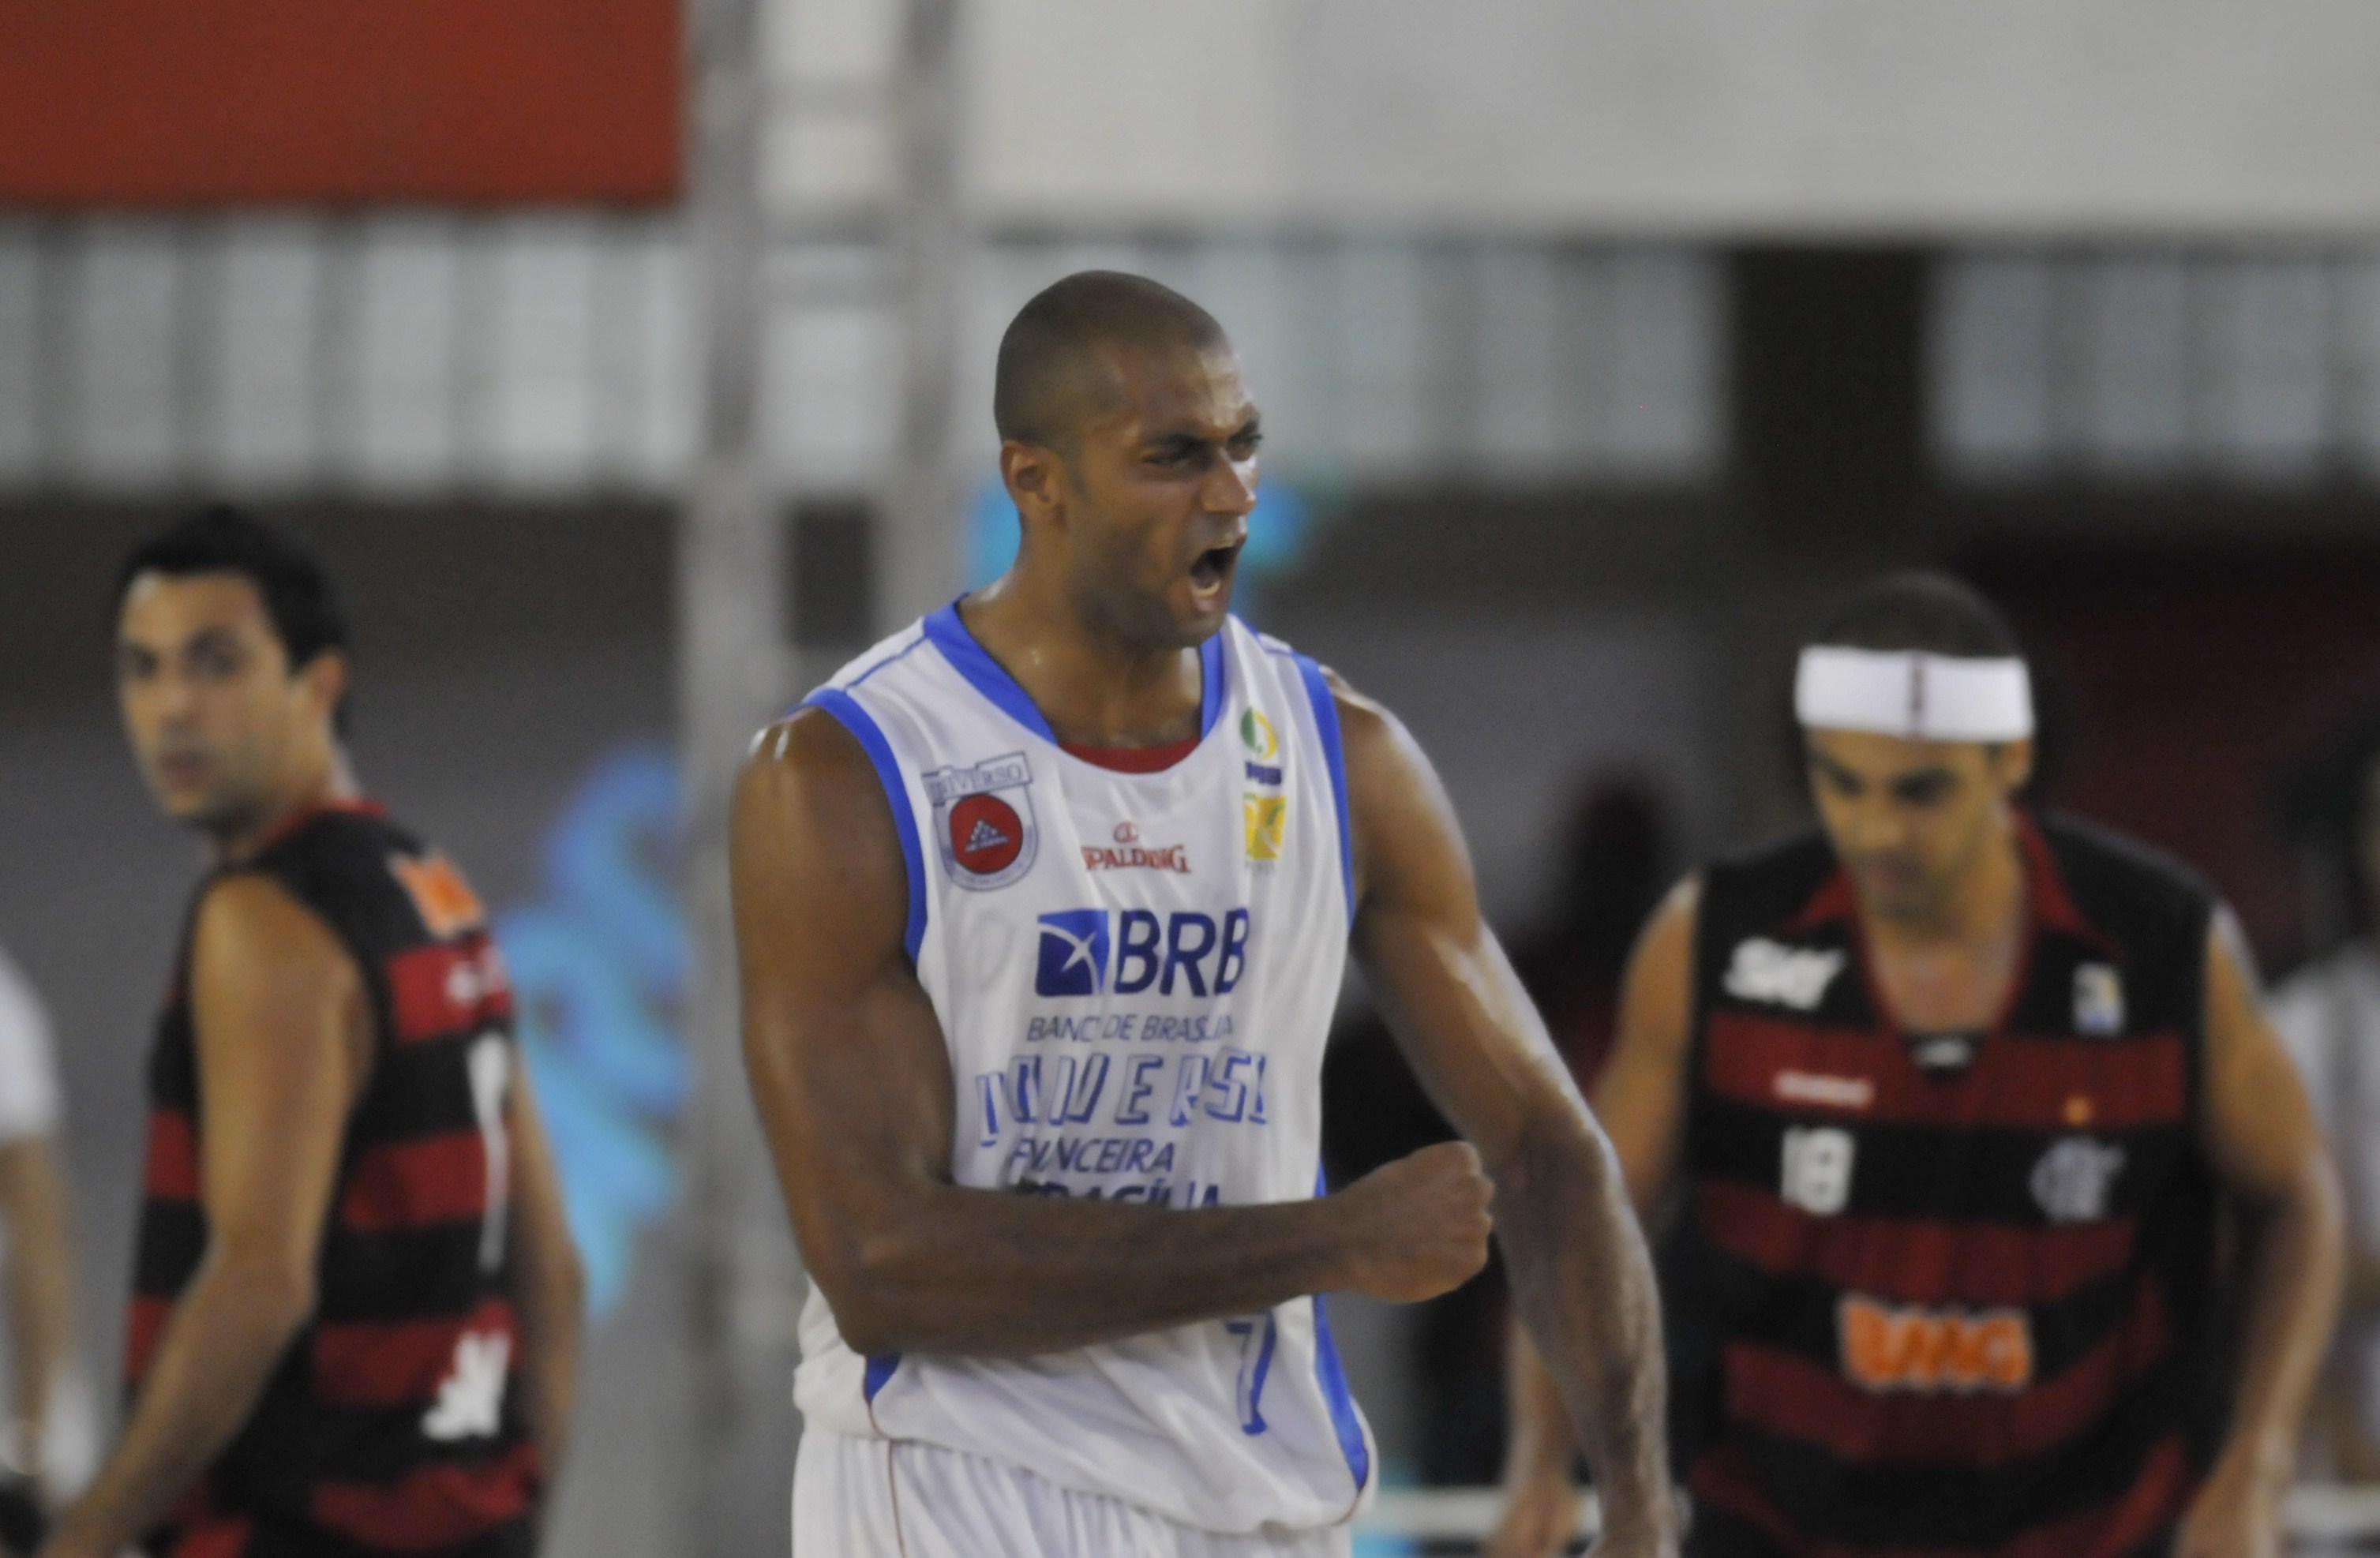 Pivô do Rio Claro, Estevam foi campeão do NBB 2 com o Brasília (Cadu Gomes/LNB)